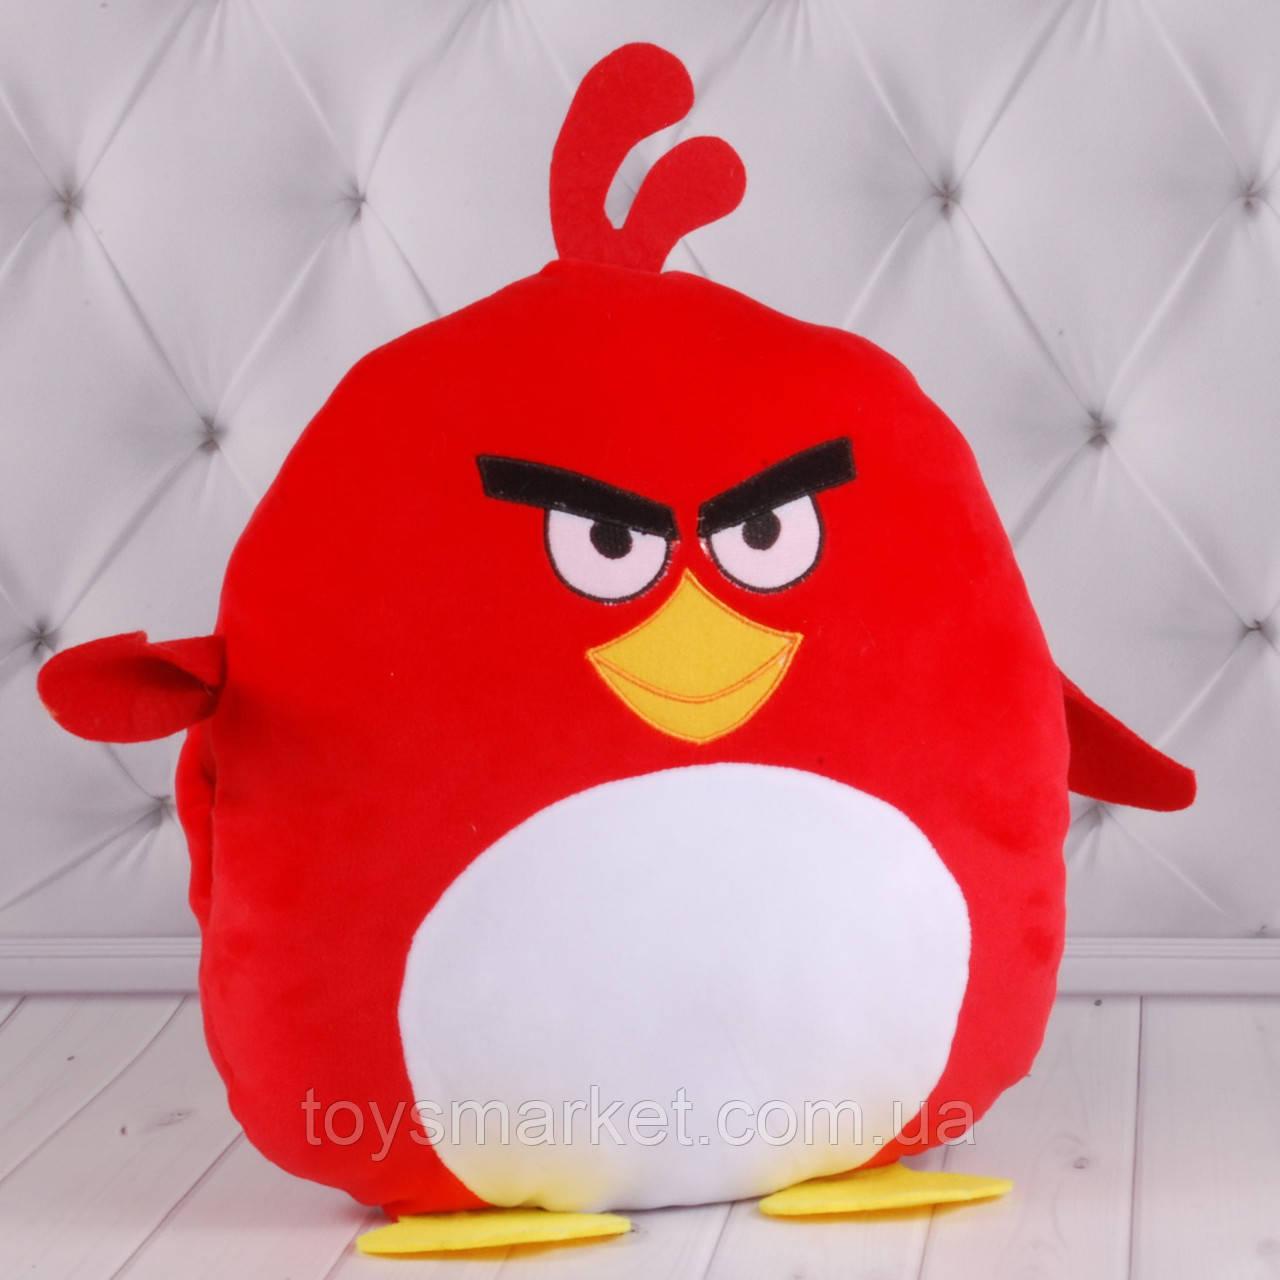 """Дитяча подушка-муфта """"Angry Birds"""" Ред, плюшева подушка з пташками, подушка-муфта, """"Енгрі Бердс"""""""